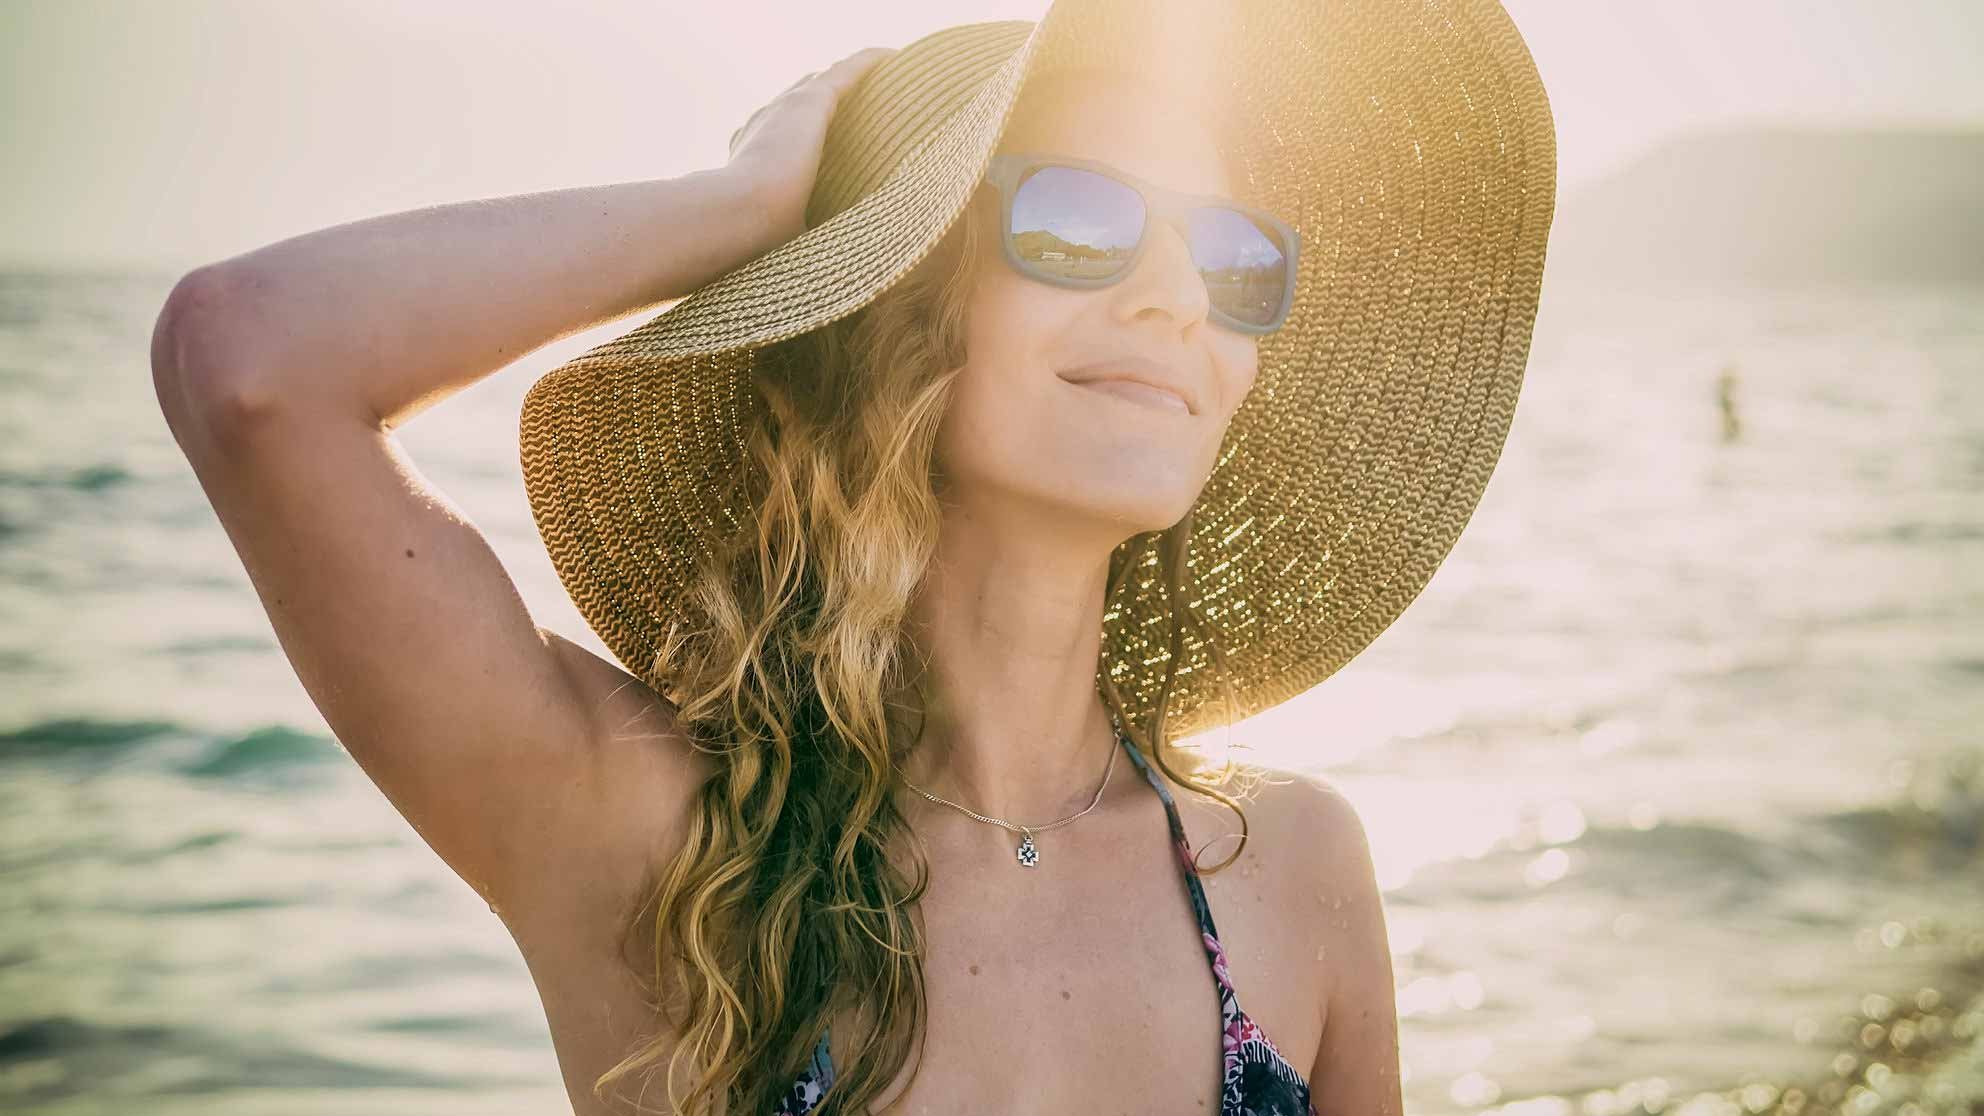 Шапката Може би най-важният аксесоар на плажа и най-доброто средство, с помощта на което да предотвратите вредното влияние на UV лъчите върху косата си.